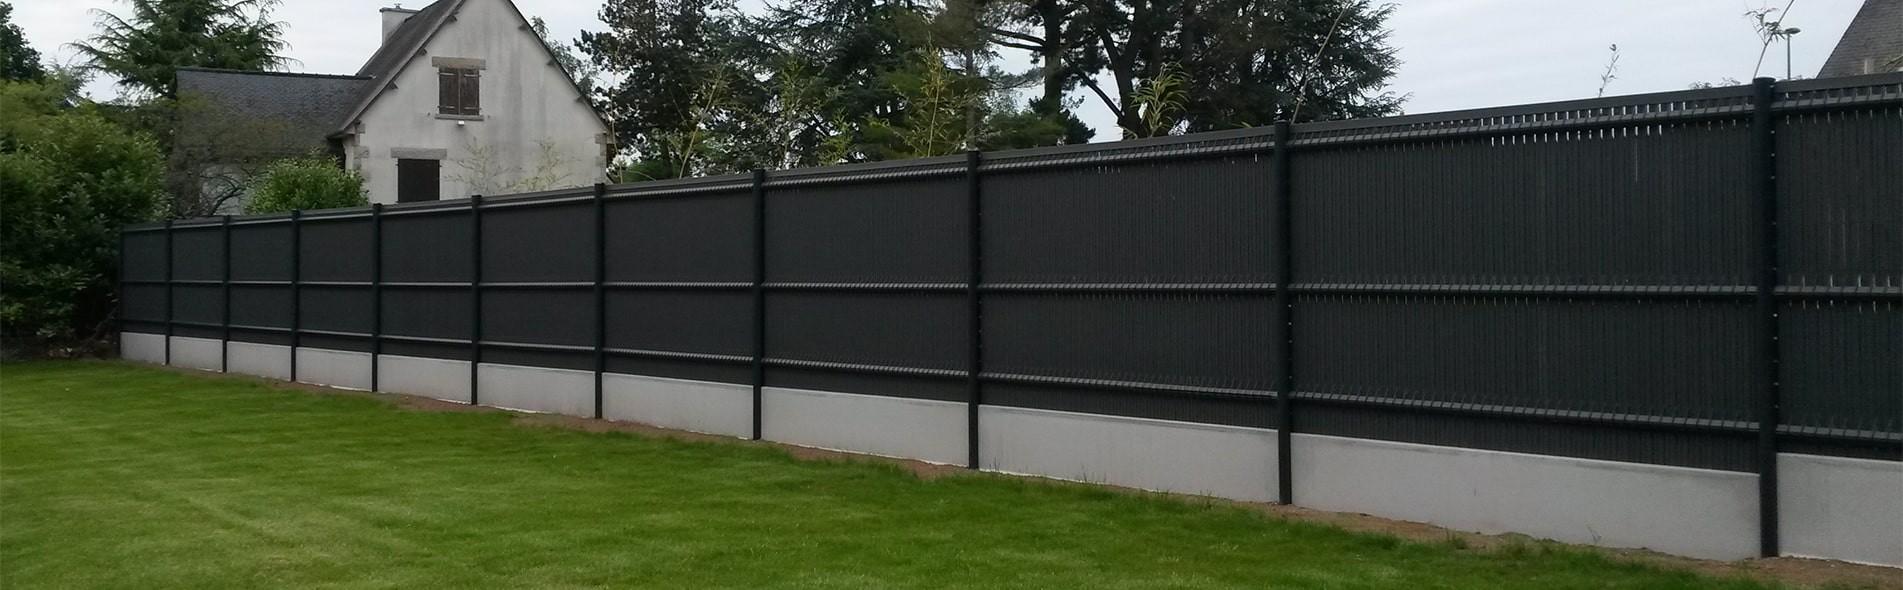 Vente De Clôtures Rigides (Pvc, Alu) Grillages & Portails intérieur Panneau Jardin Pas Cher